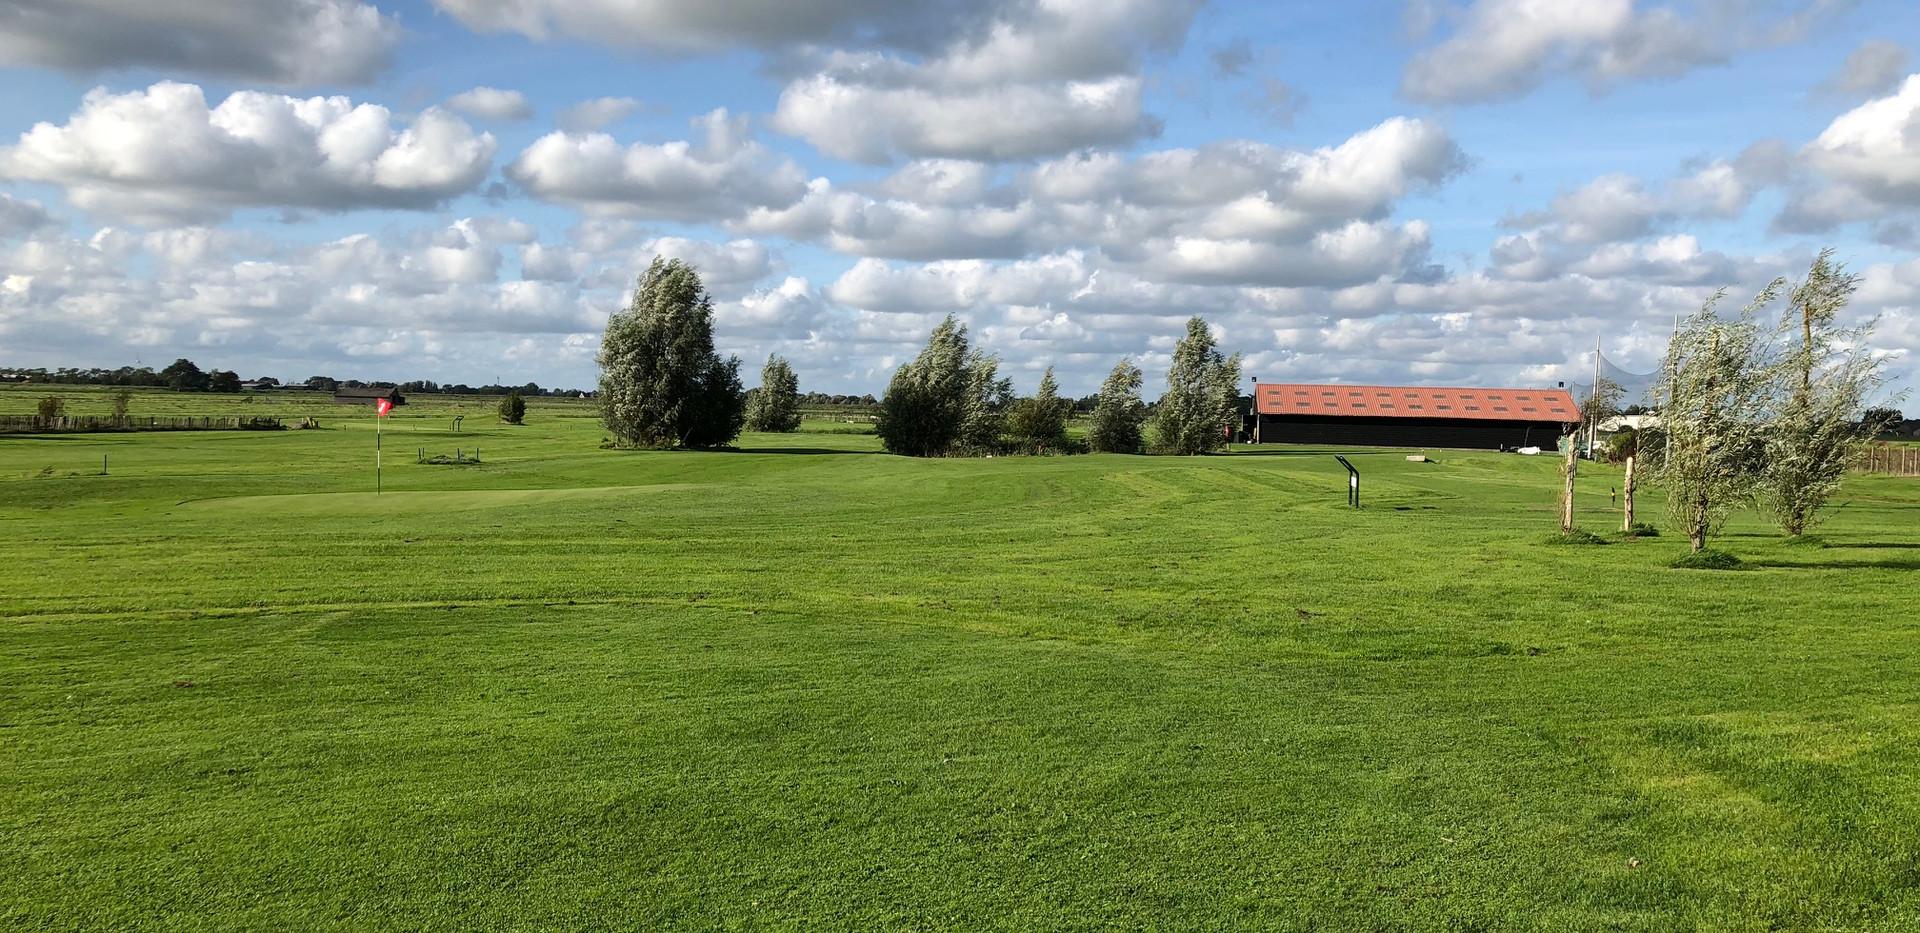 golfbaan met driving range.jpg